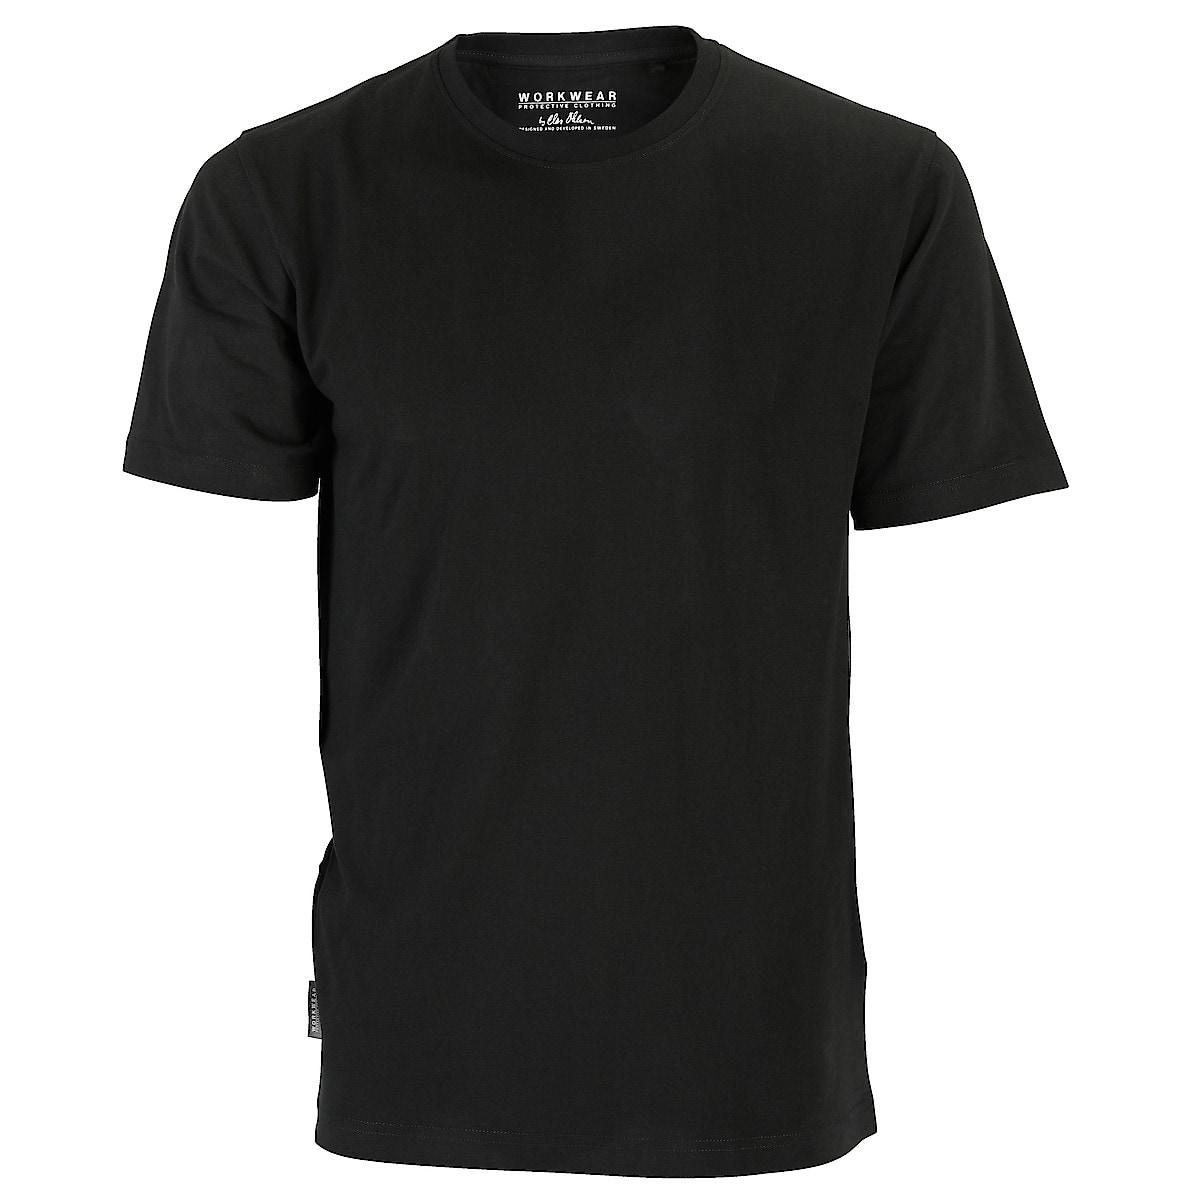 Miesten t-paita, musta